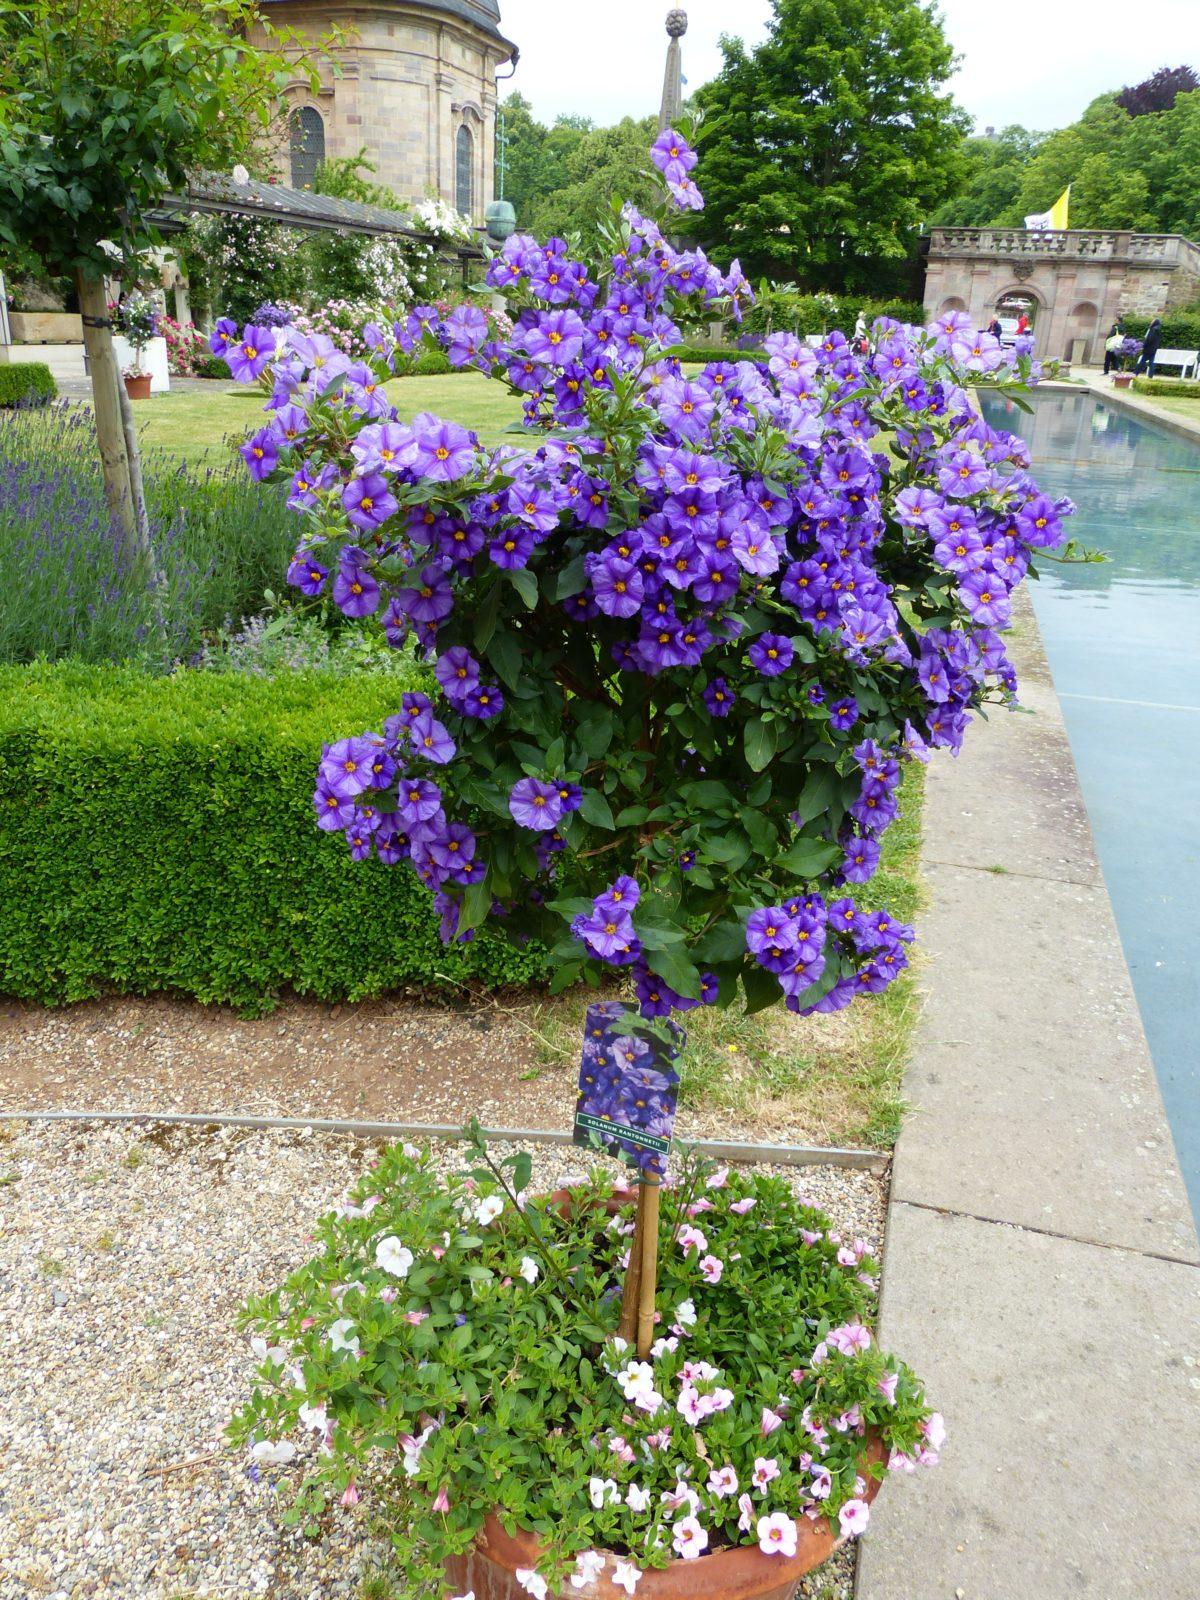 lilek modrý - Hořcový stromek aneb lilek modrý – bujně rostoucí a bohatě kvetoucí